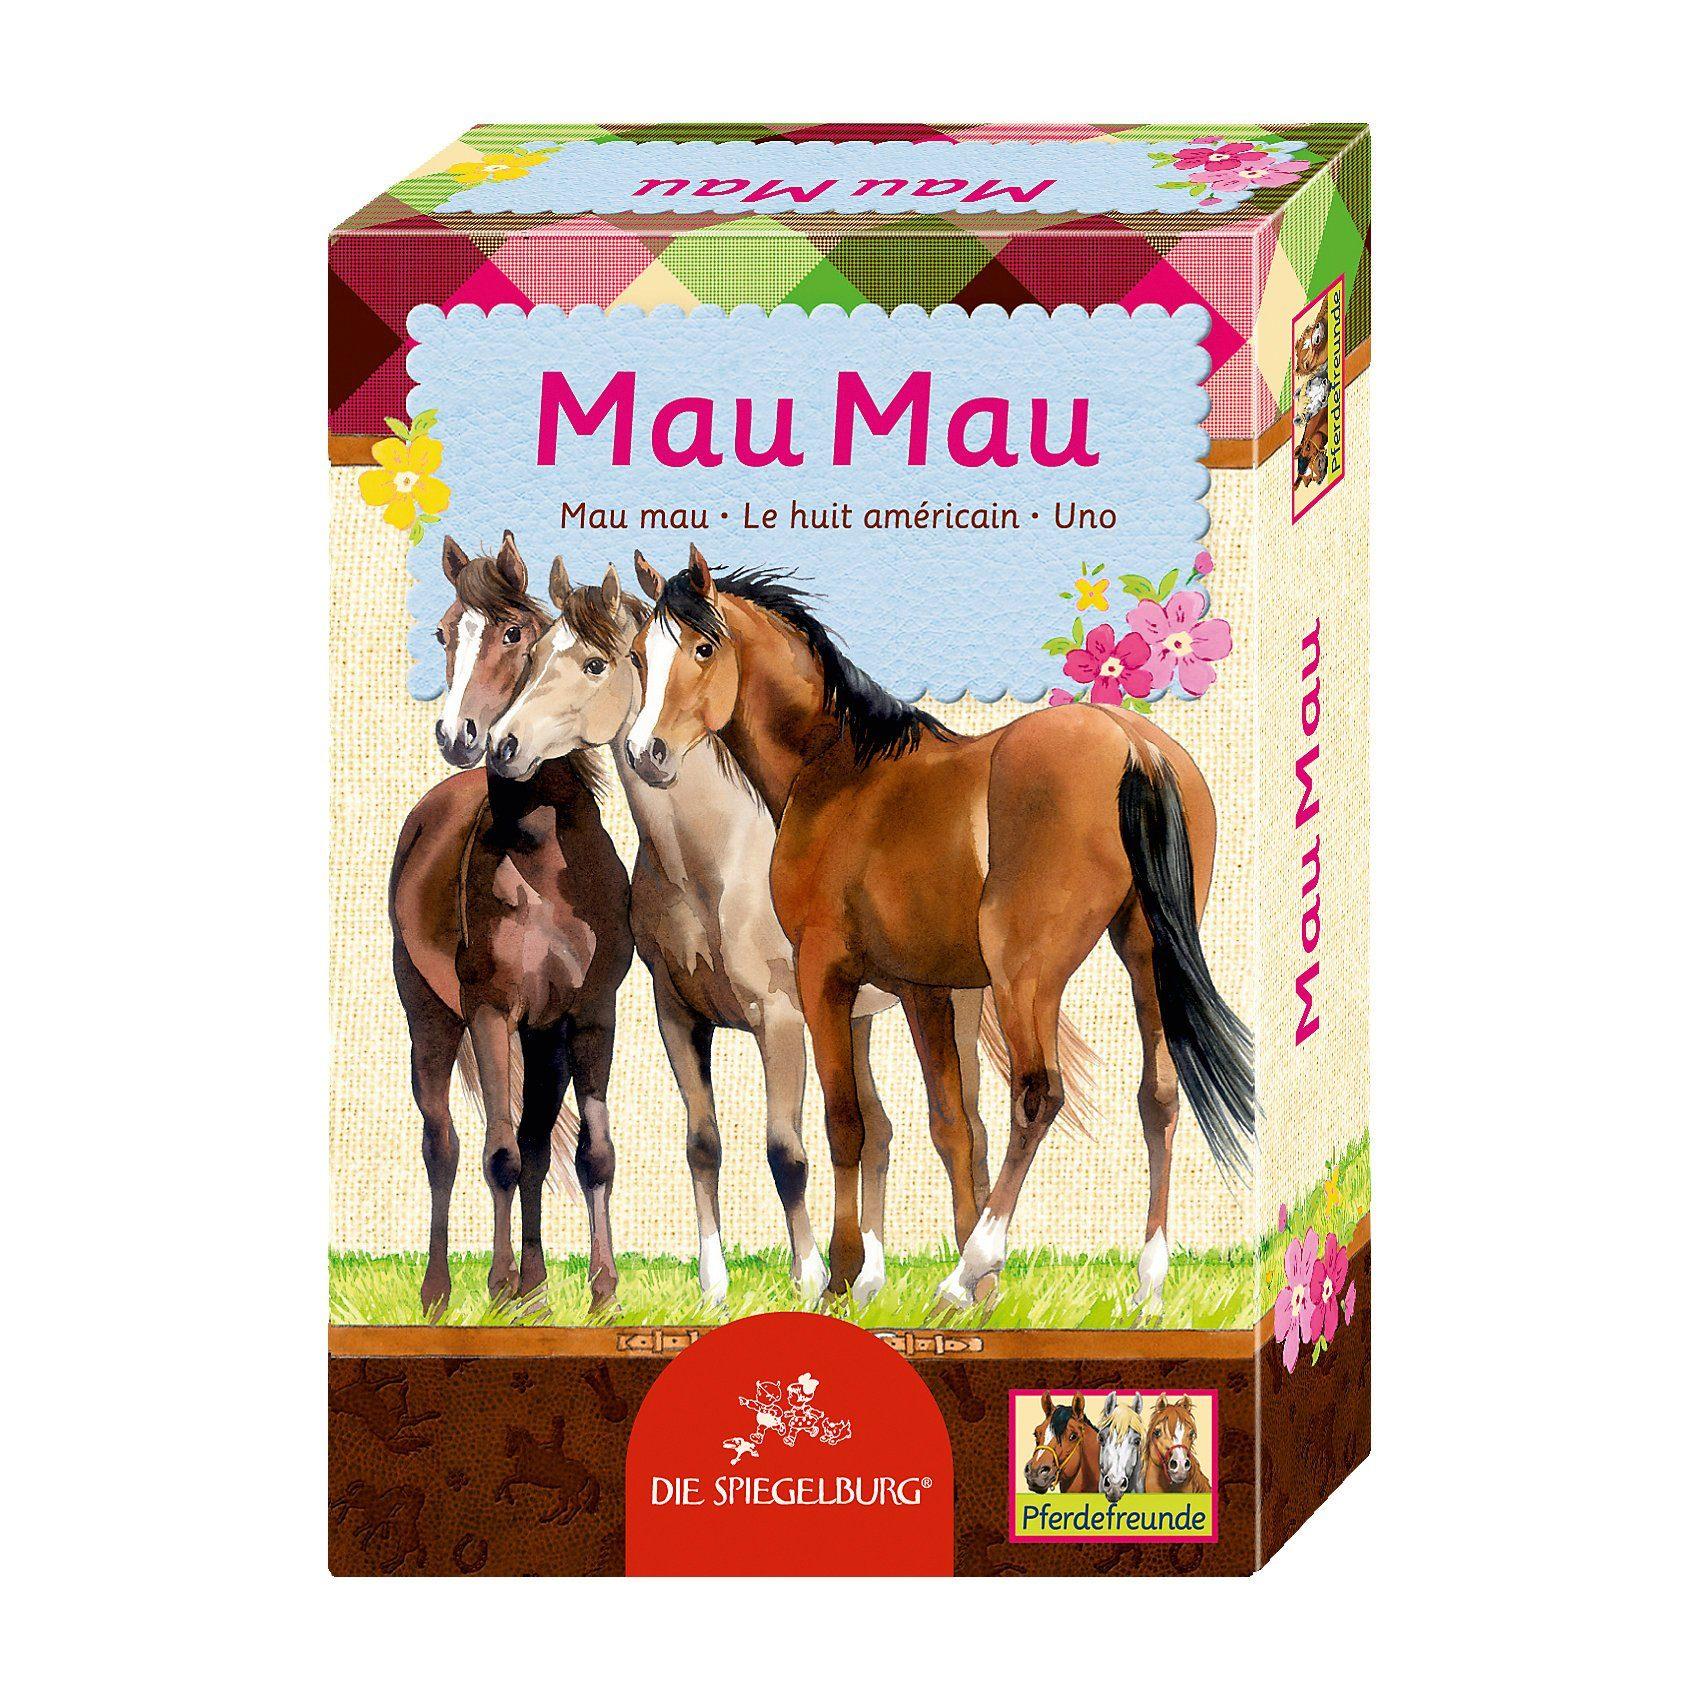 Spiegelburg Kartenspiel - Mau Mau Pferdefreunde